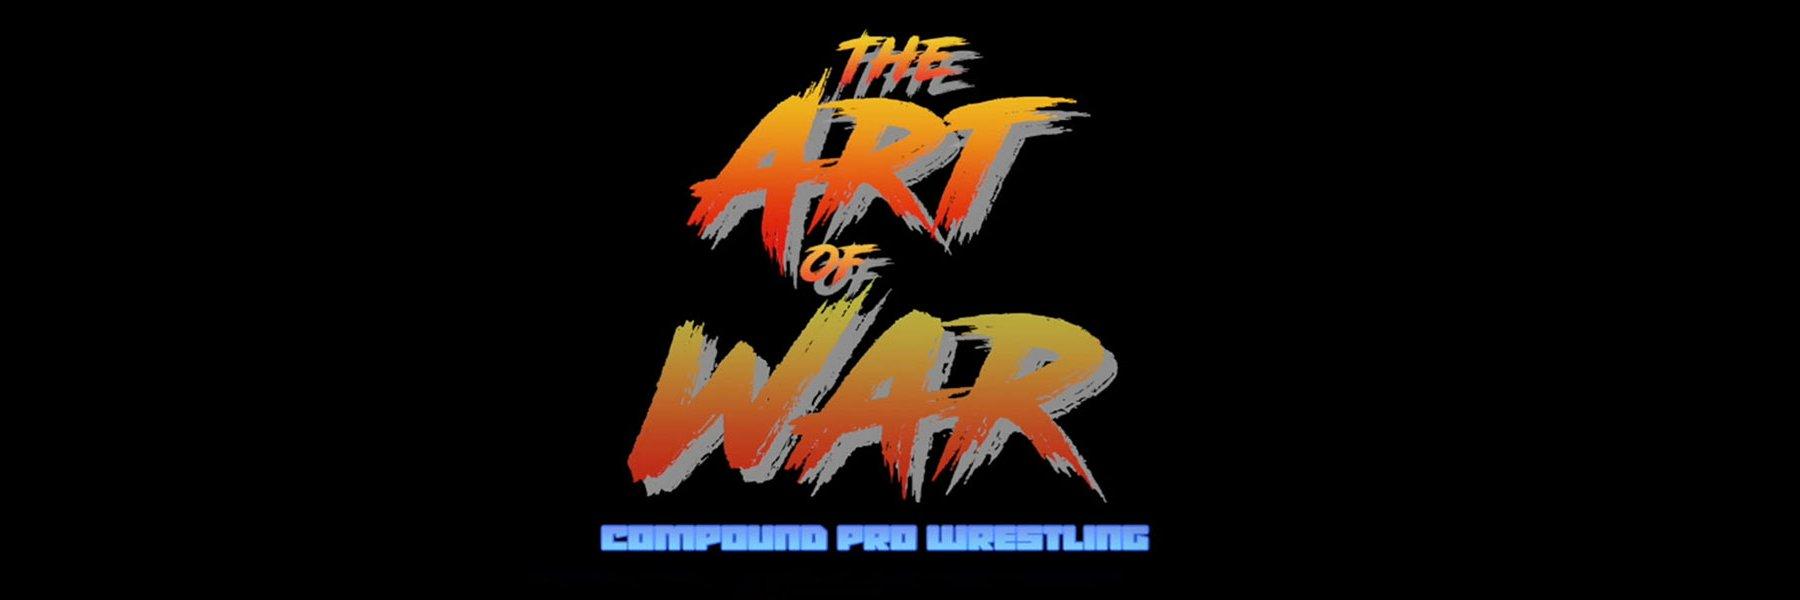 5/19/18:  The Art of War